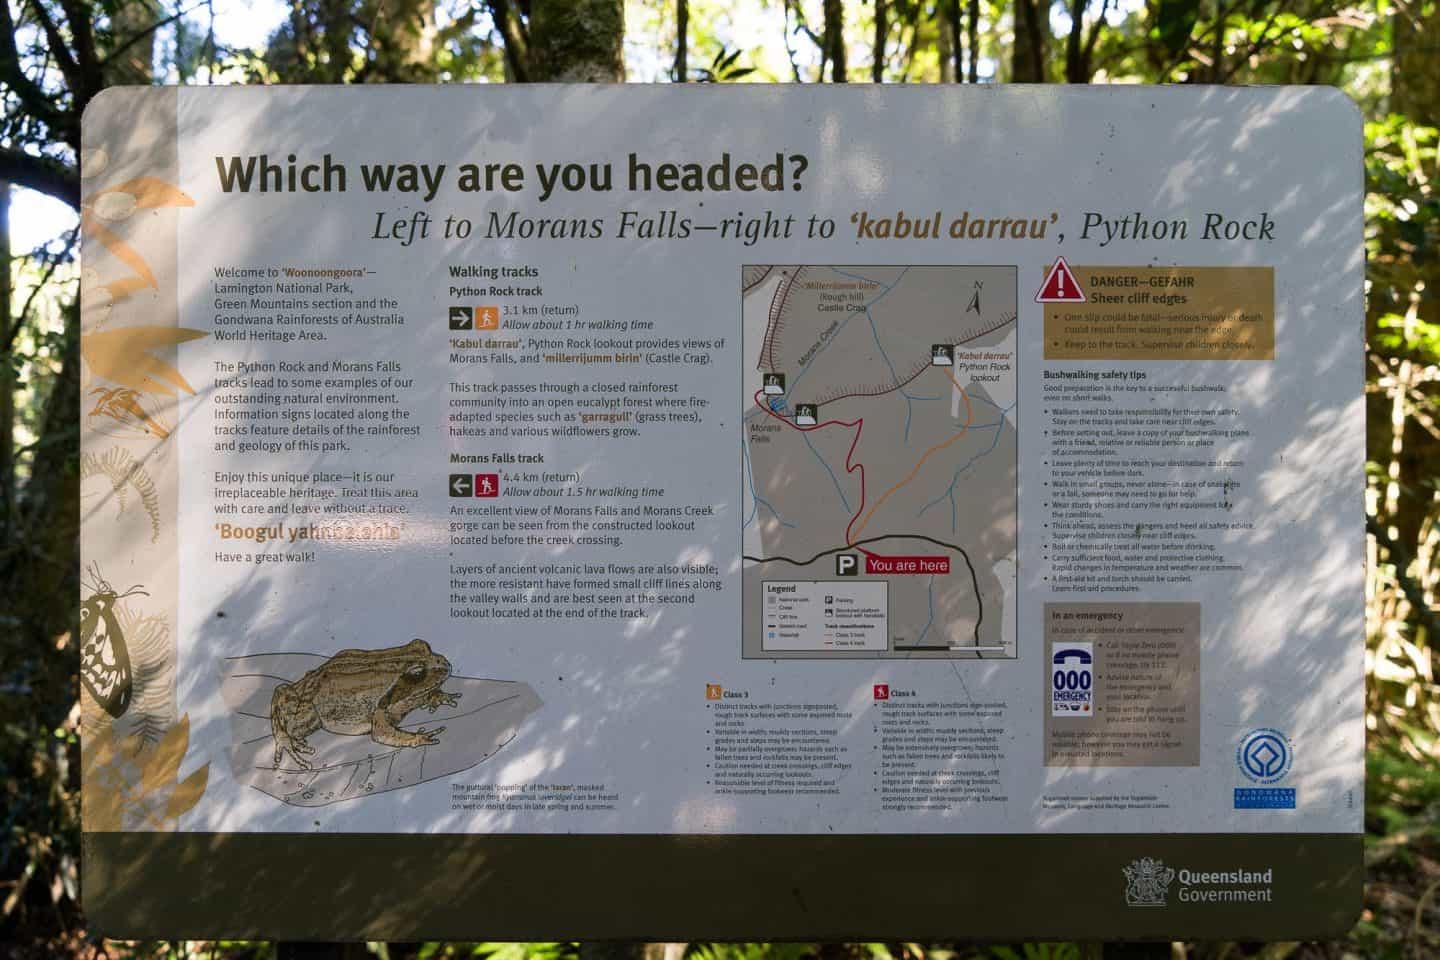 morans falls, moran falls, morans falls lamington national park, lamington national park walks, lamington national park, lamington national park hikes, oreillys rainforest retreat